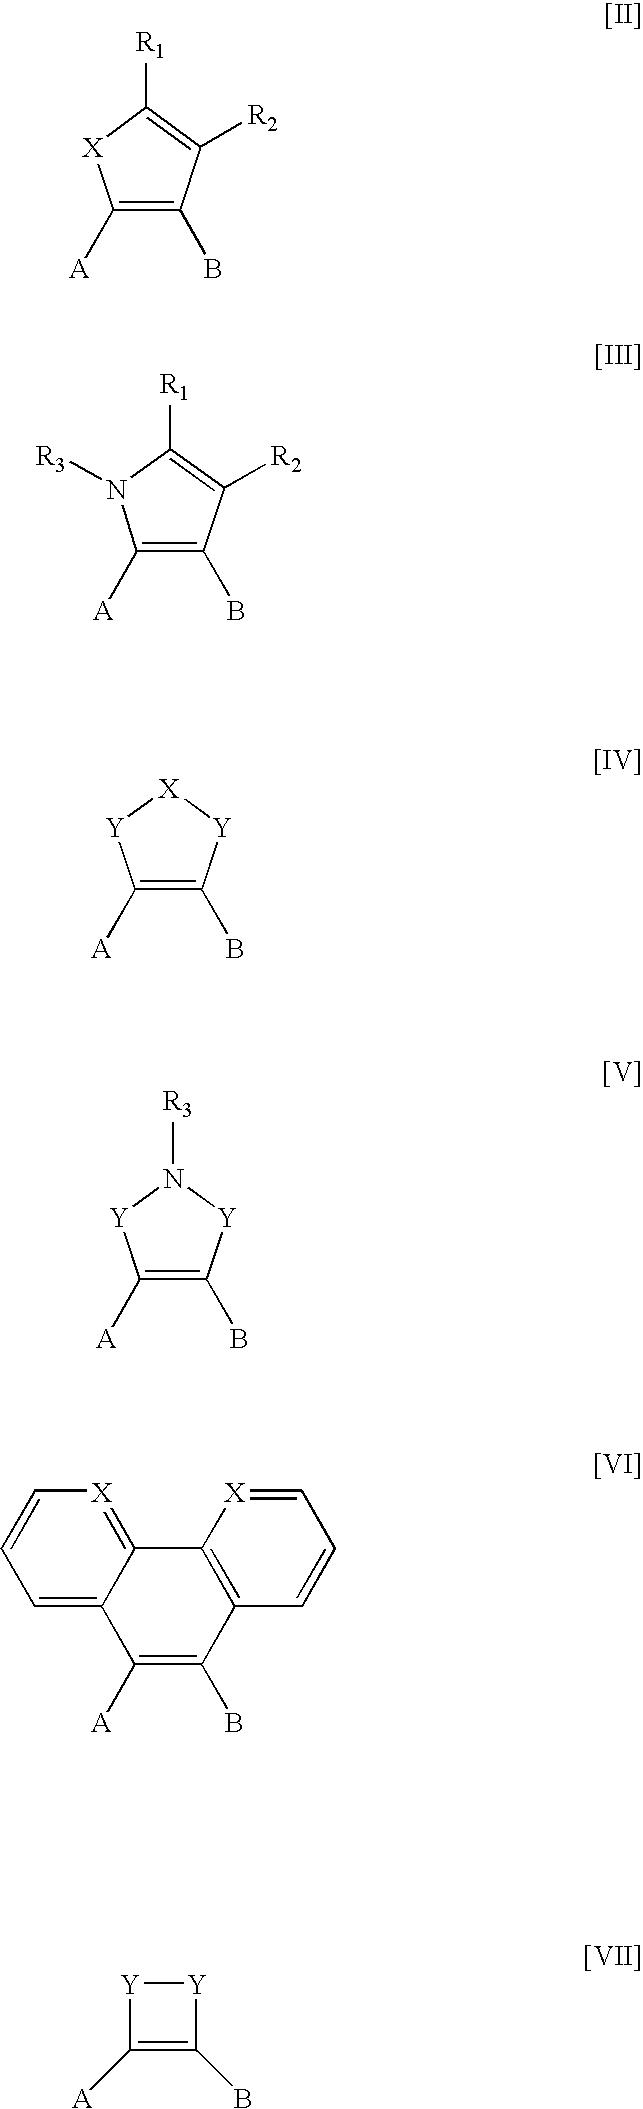 Figure US20080311494A1-20081218-C00019